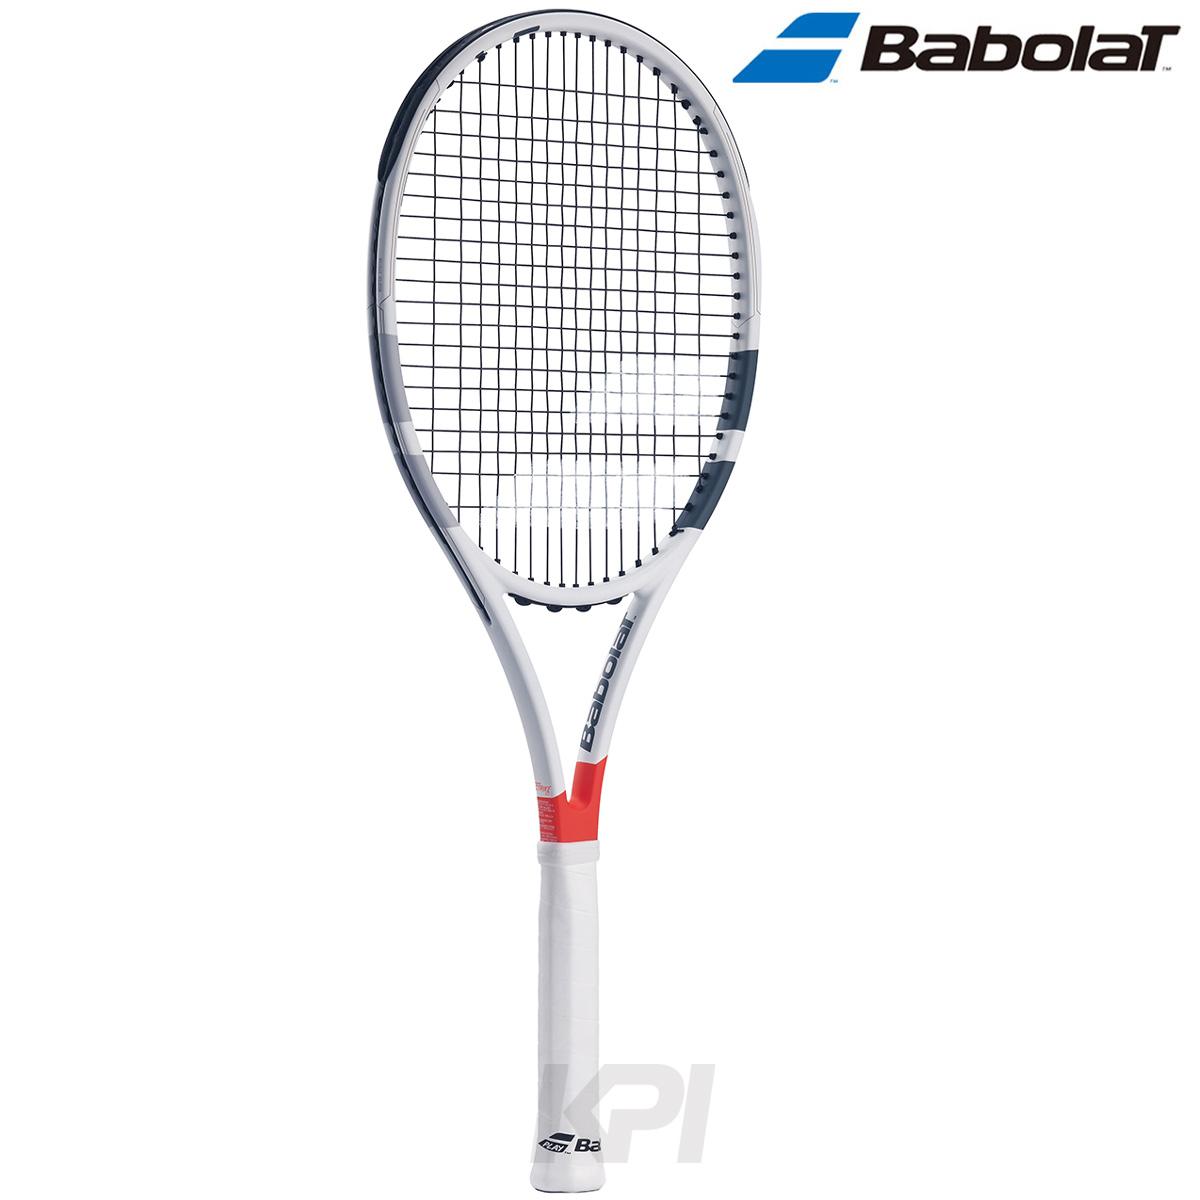 「2017新製品」Babolat(バボラ)「PURE STRIKE VS(ピュアストライクVS) STRIKE BF101313」硬式テニスラケット【kpi24】, 大切な:fcb9223f --- sunward.msk.ru